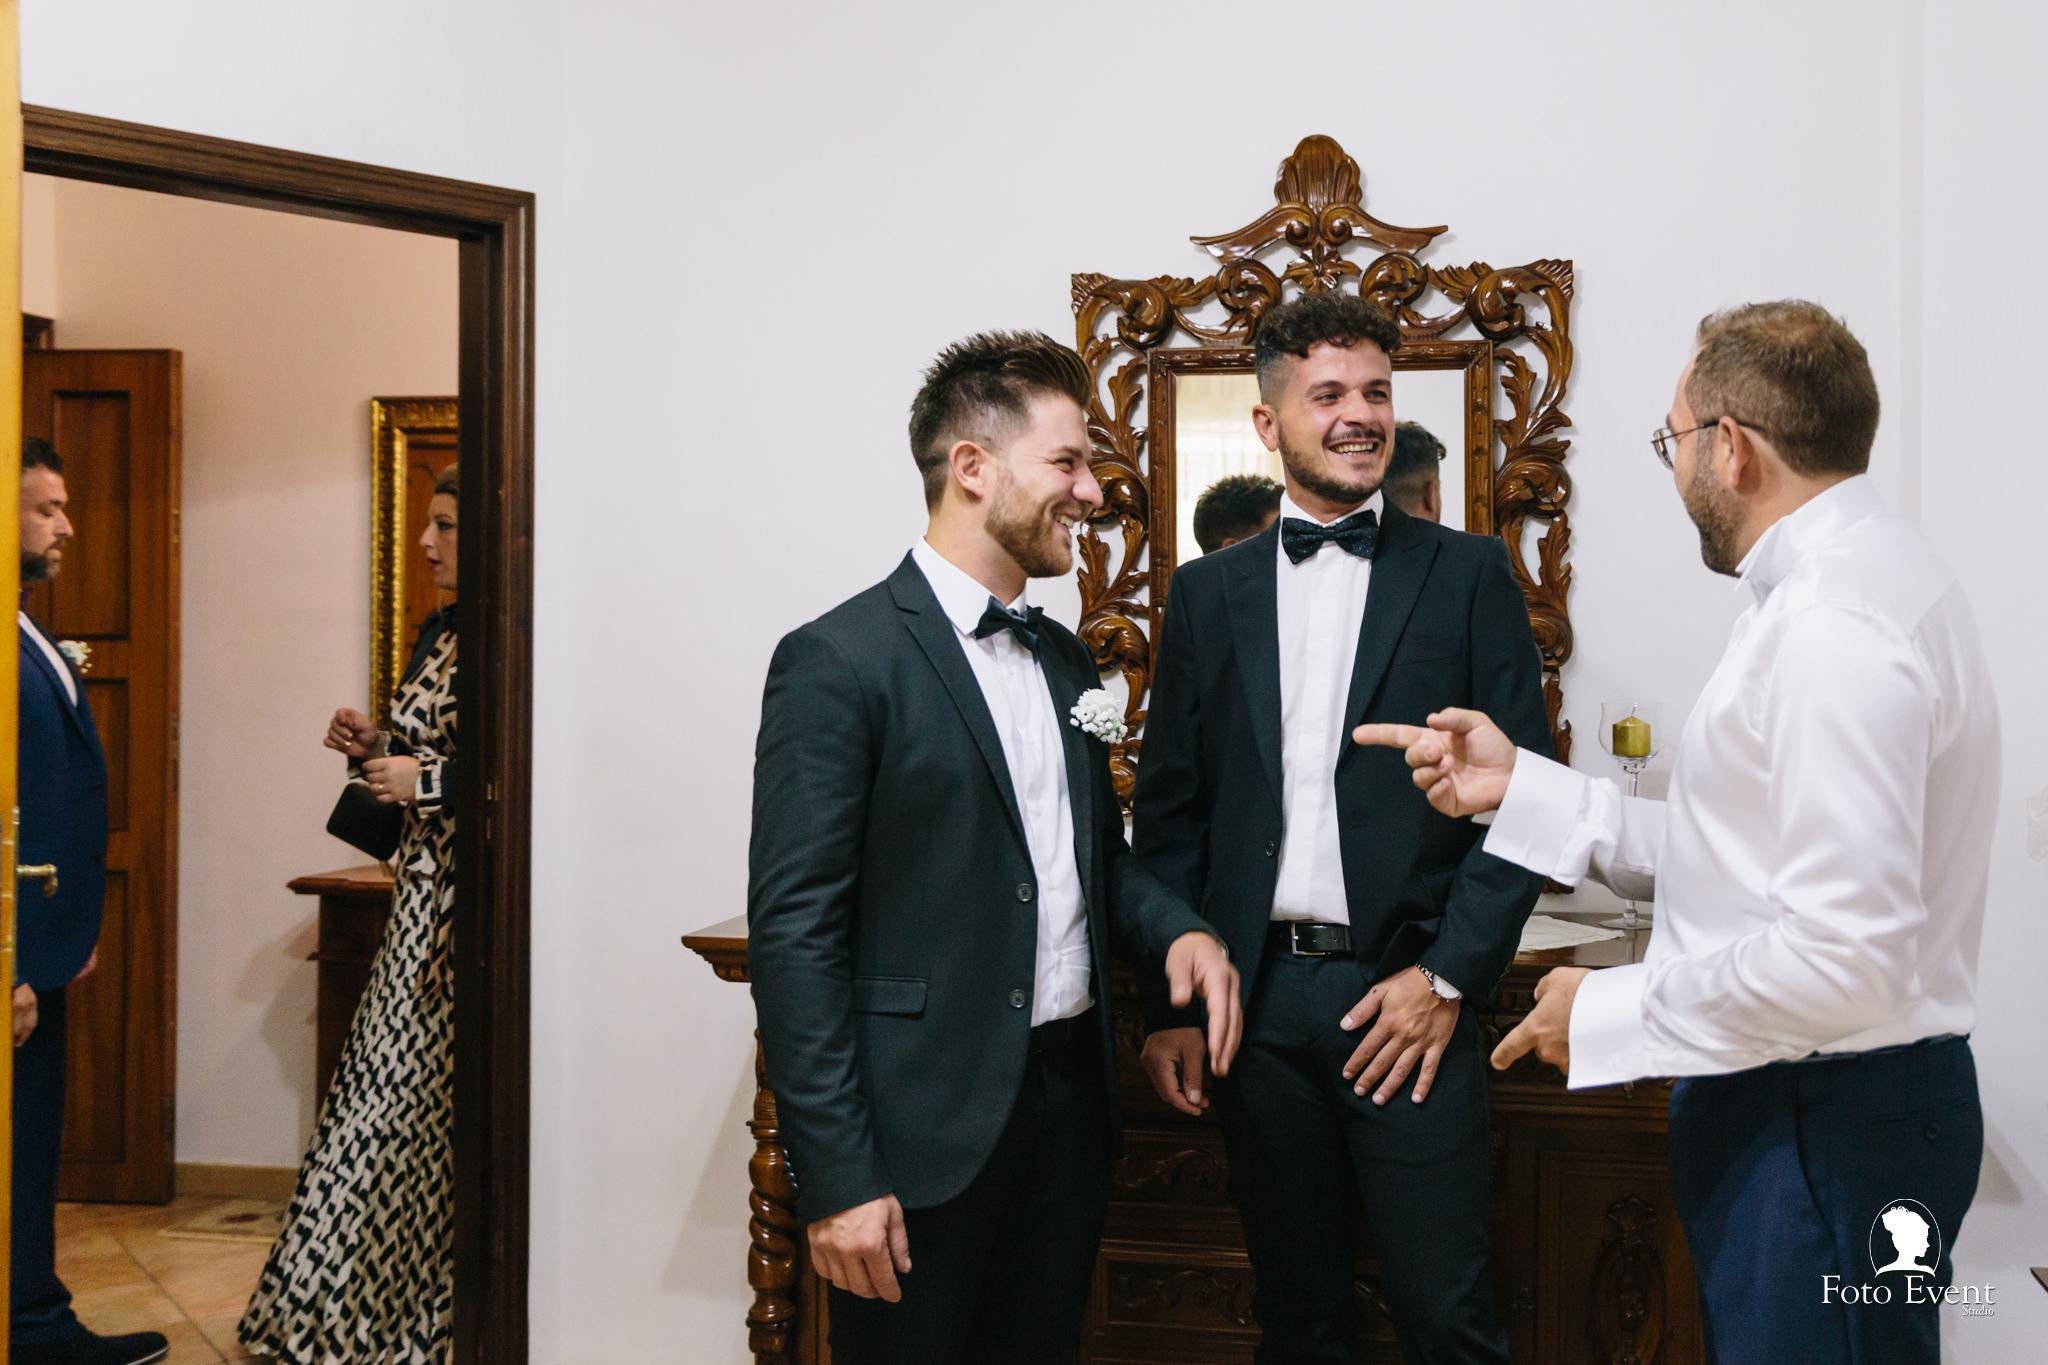 002-2020-10-15-Matrimonio-Noemi-e-Salvatore-Paterno-5DE-032